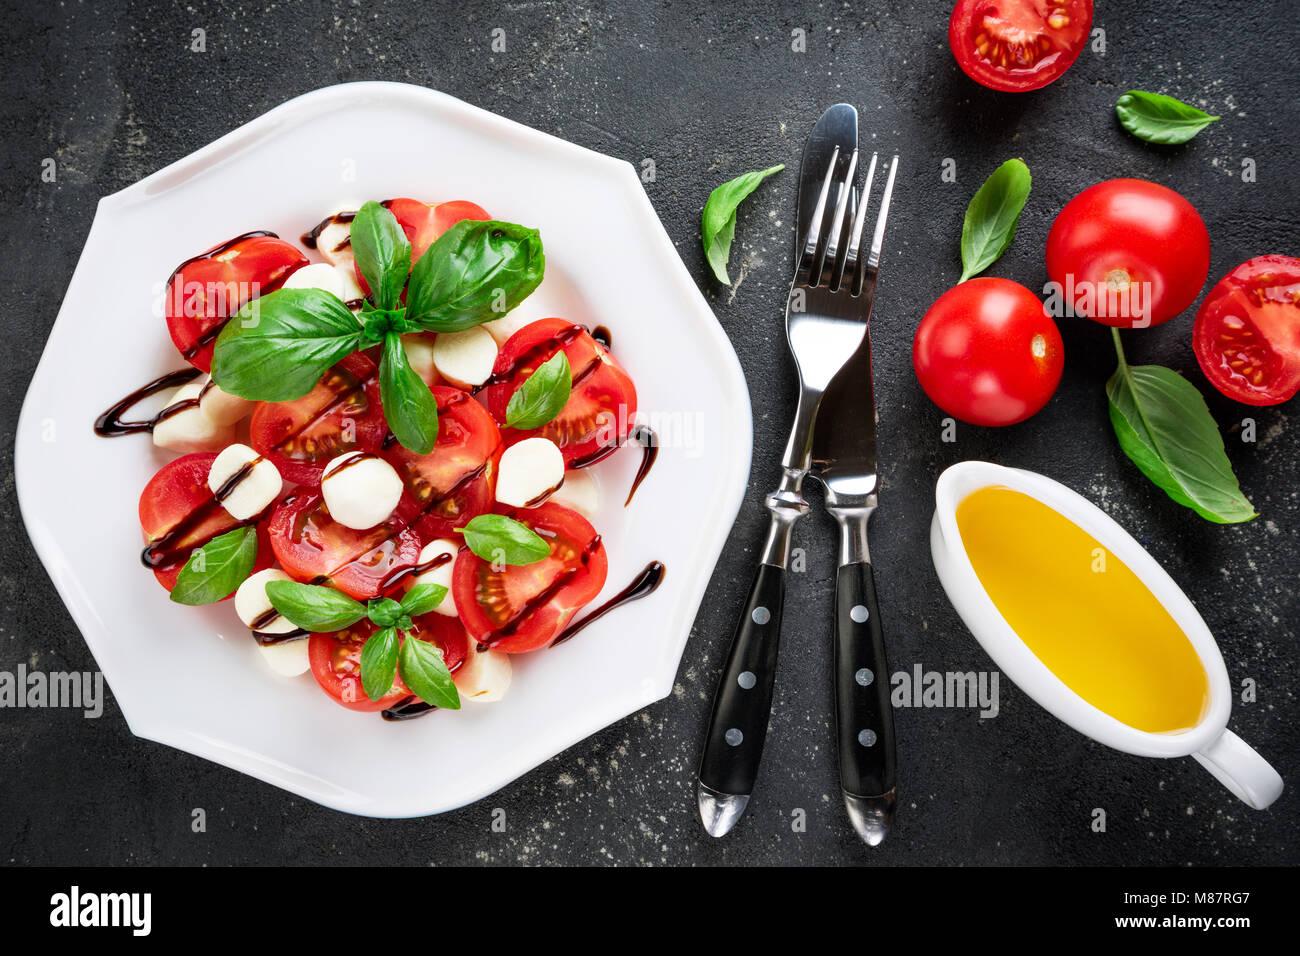 Caprese Salat. Tomaten, Mozzarella, Tomaten, Olivenöl, Basilikum Kräuter verlässt, Balsamico Sauce Stockbild